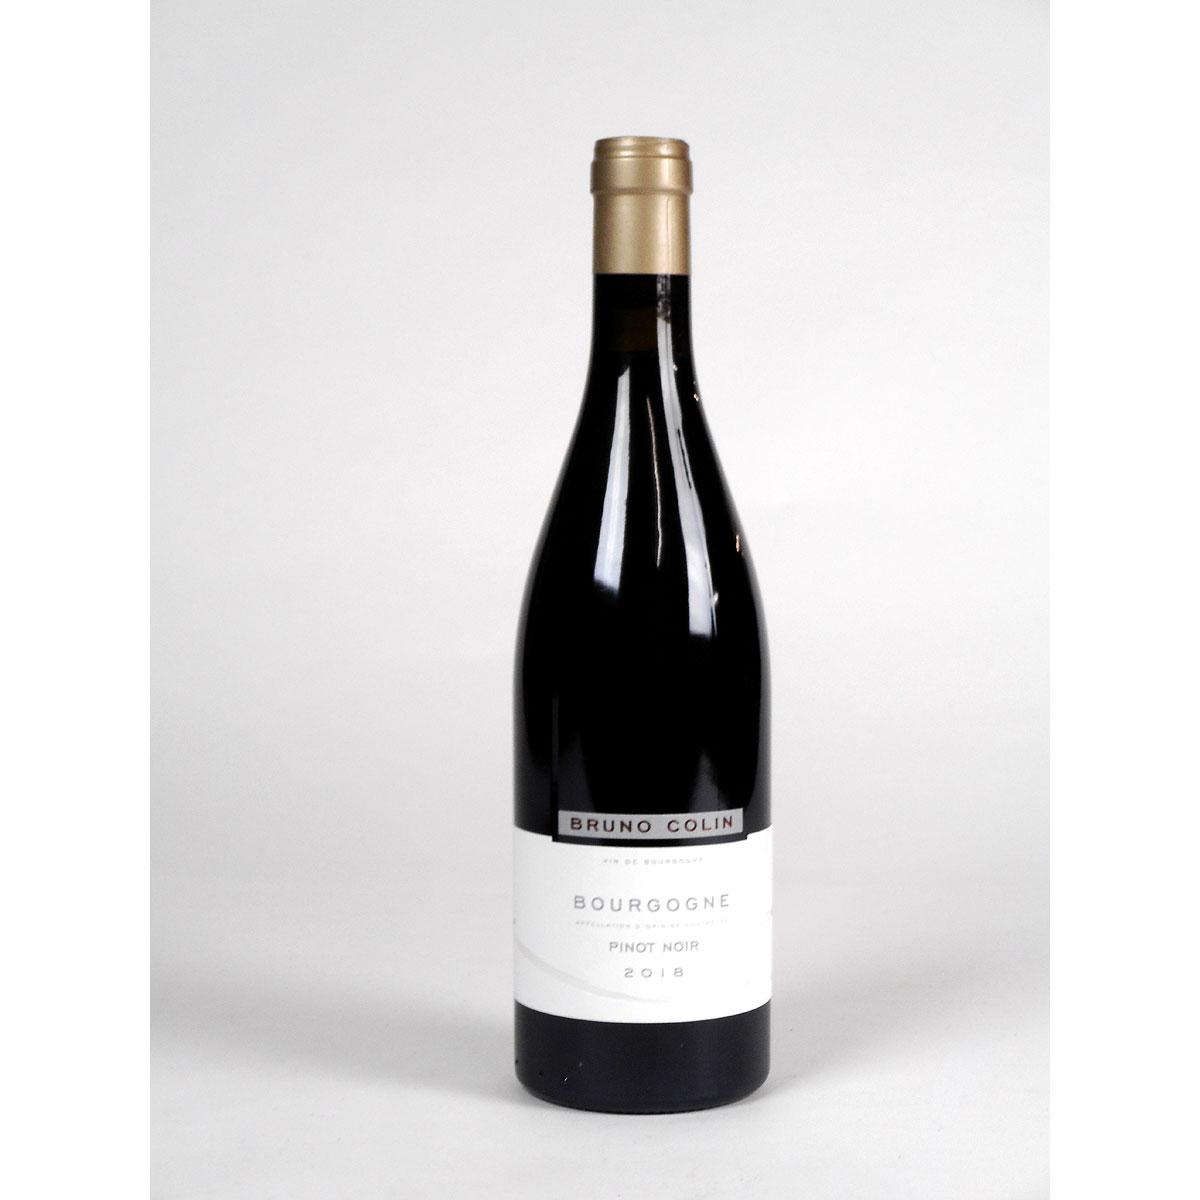 Bourgogne Pinot Noir: Domaine Bruno Colin 2018 - Bottle